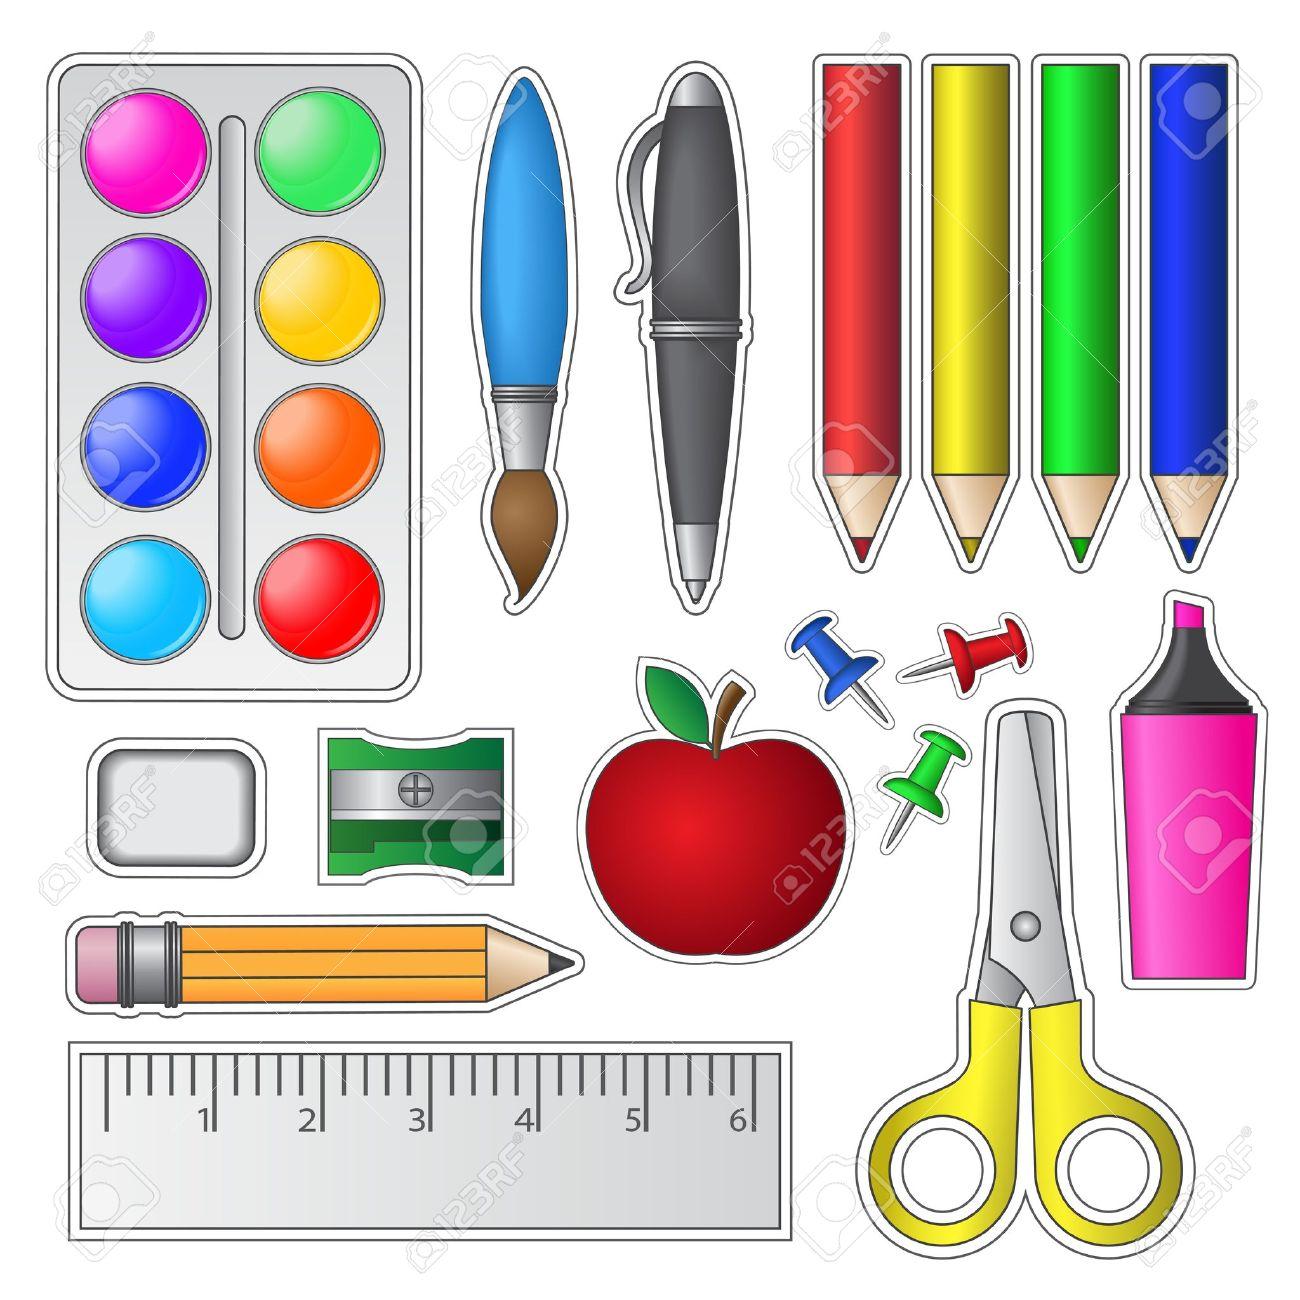 Conjunto De Herramientas Y útiles Escolares Ilustraciones ...